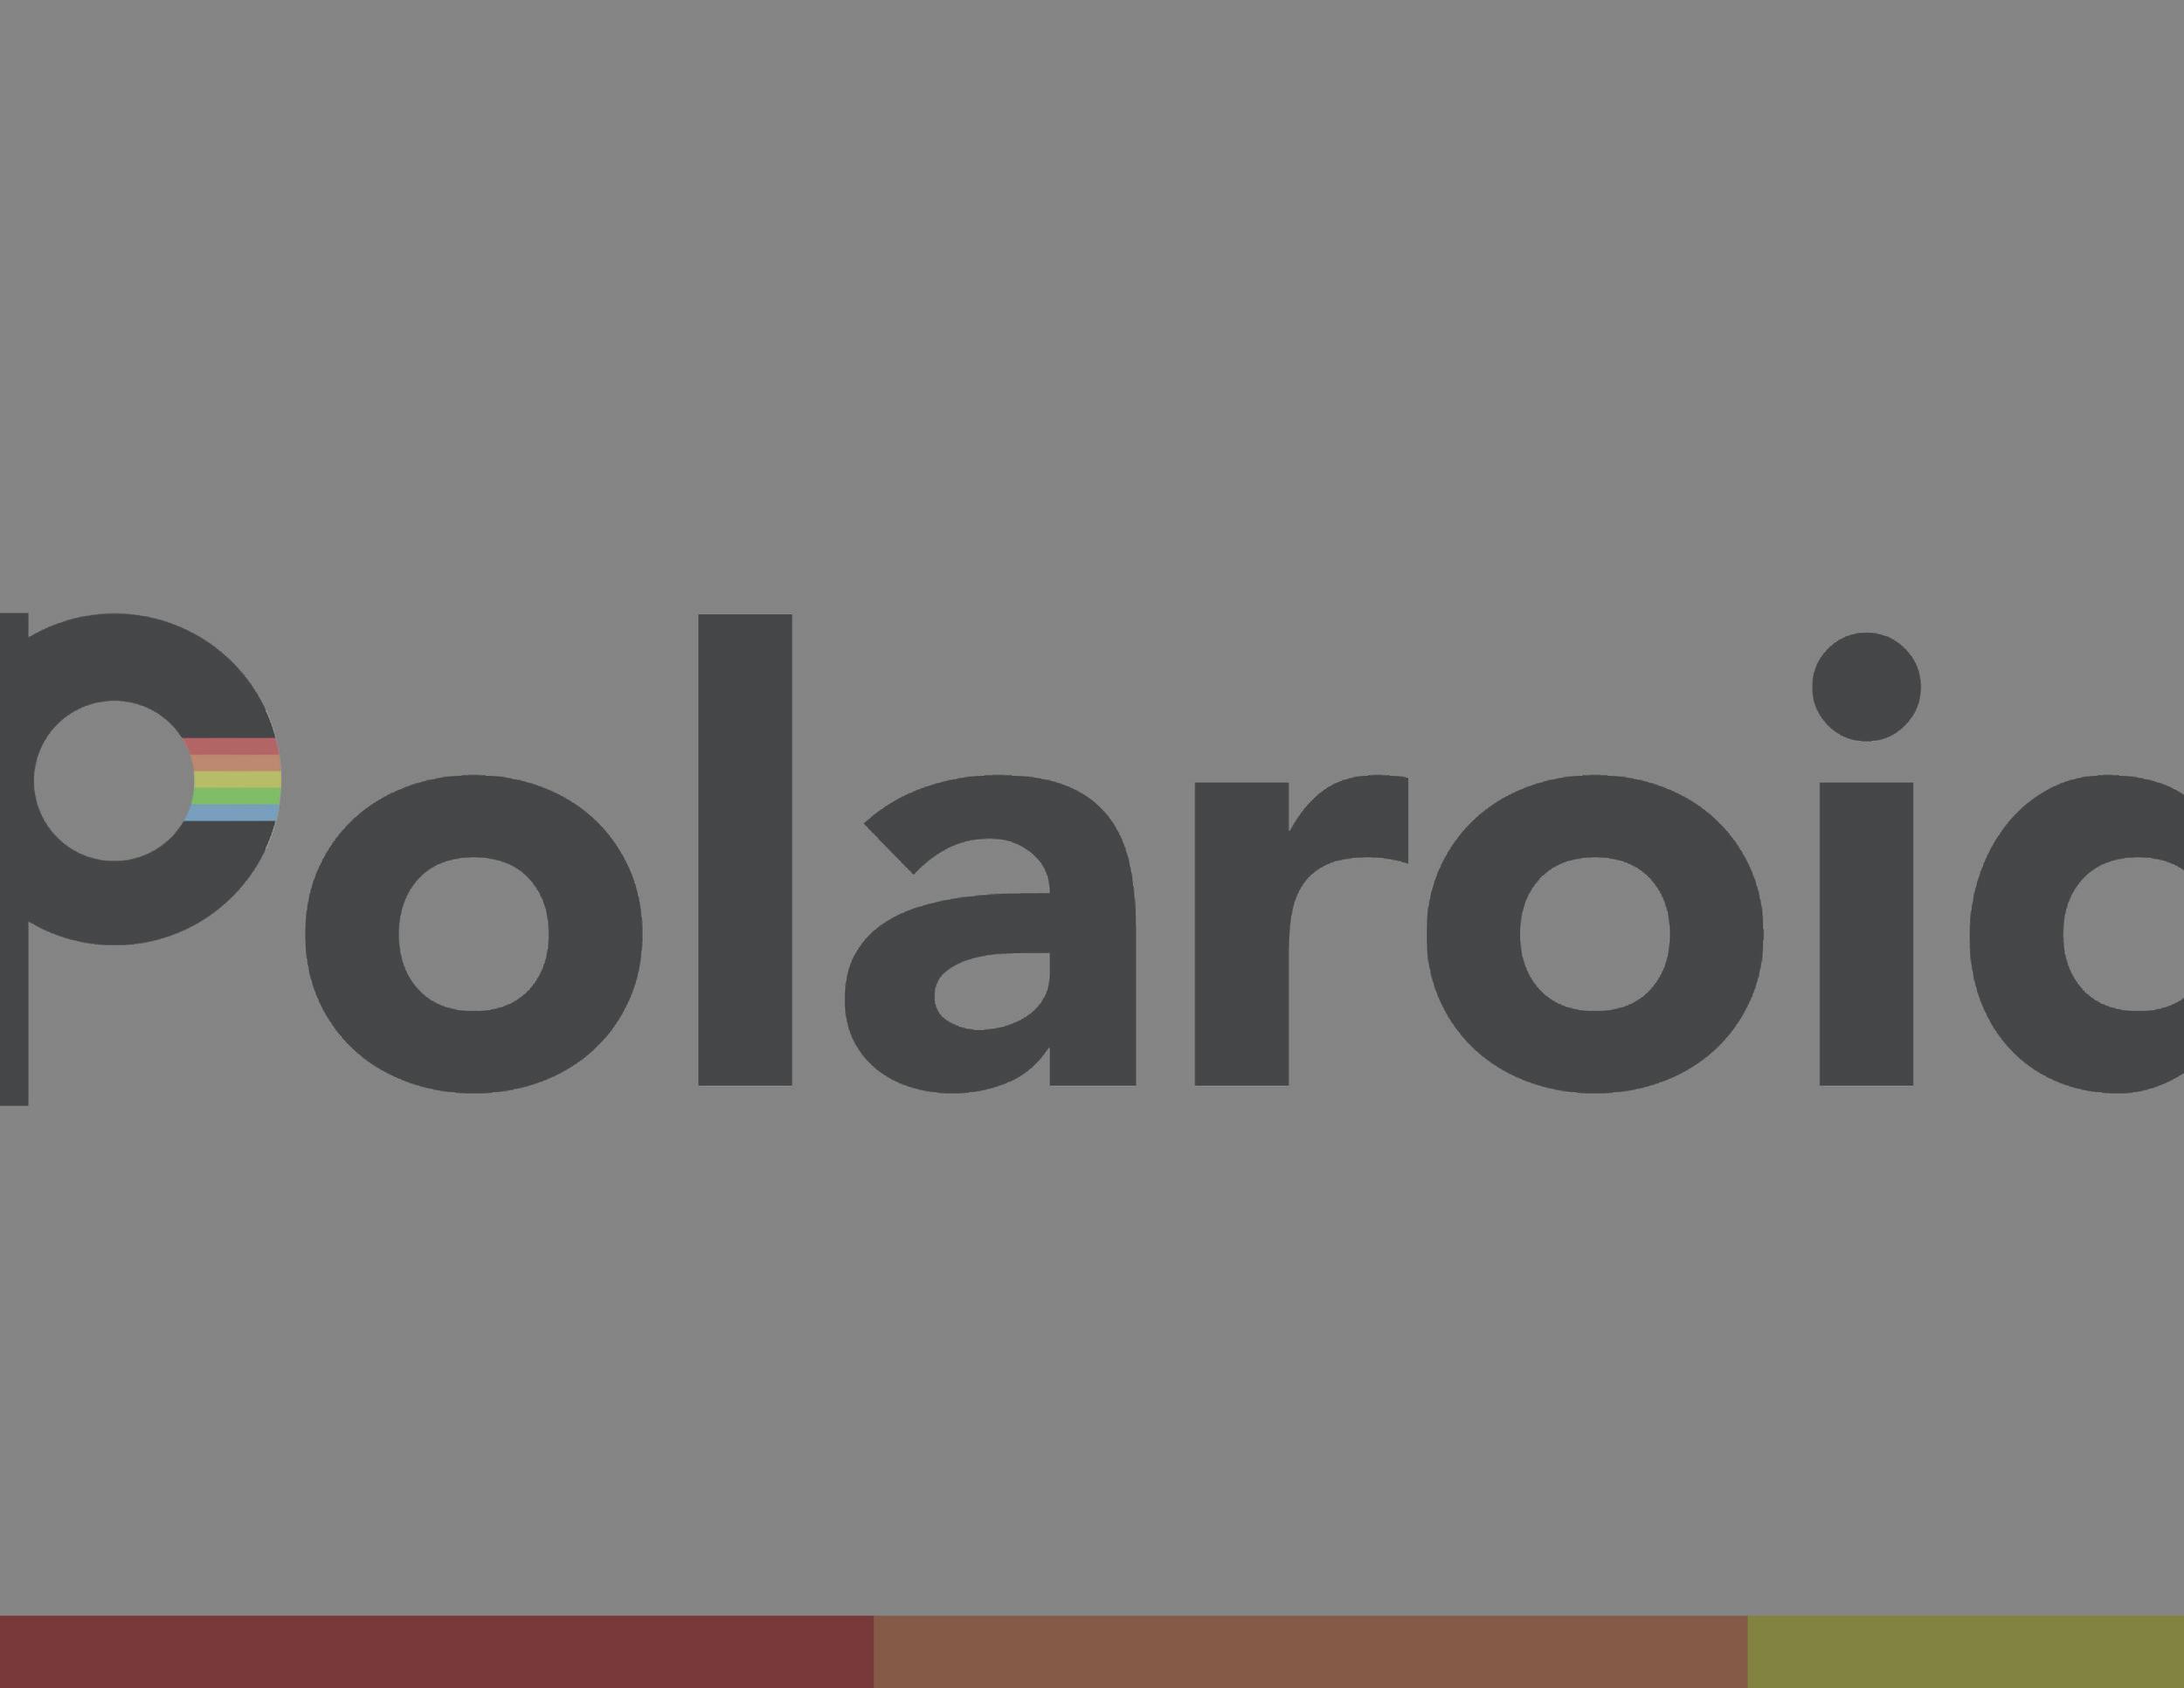 Polaroid Brand Guide 12.jpg